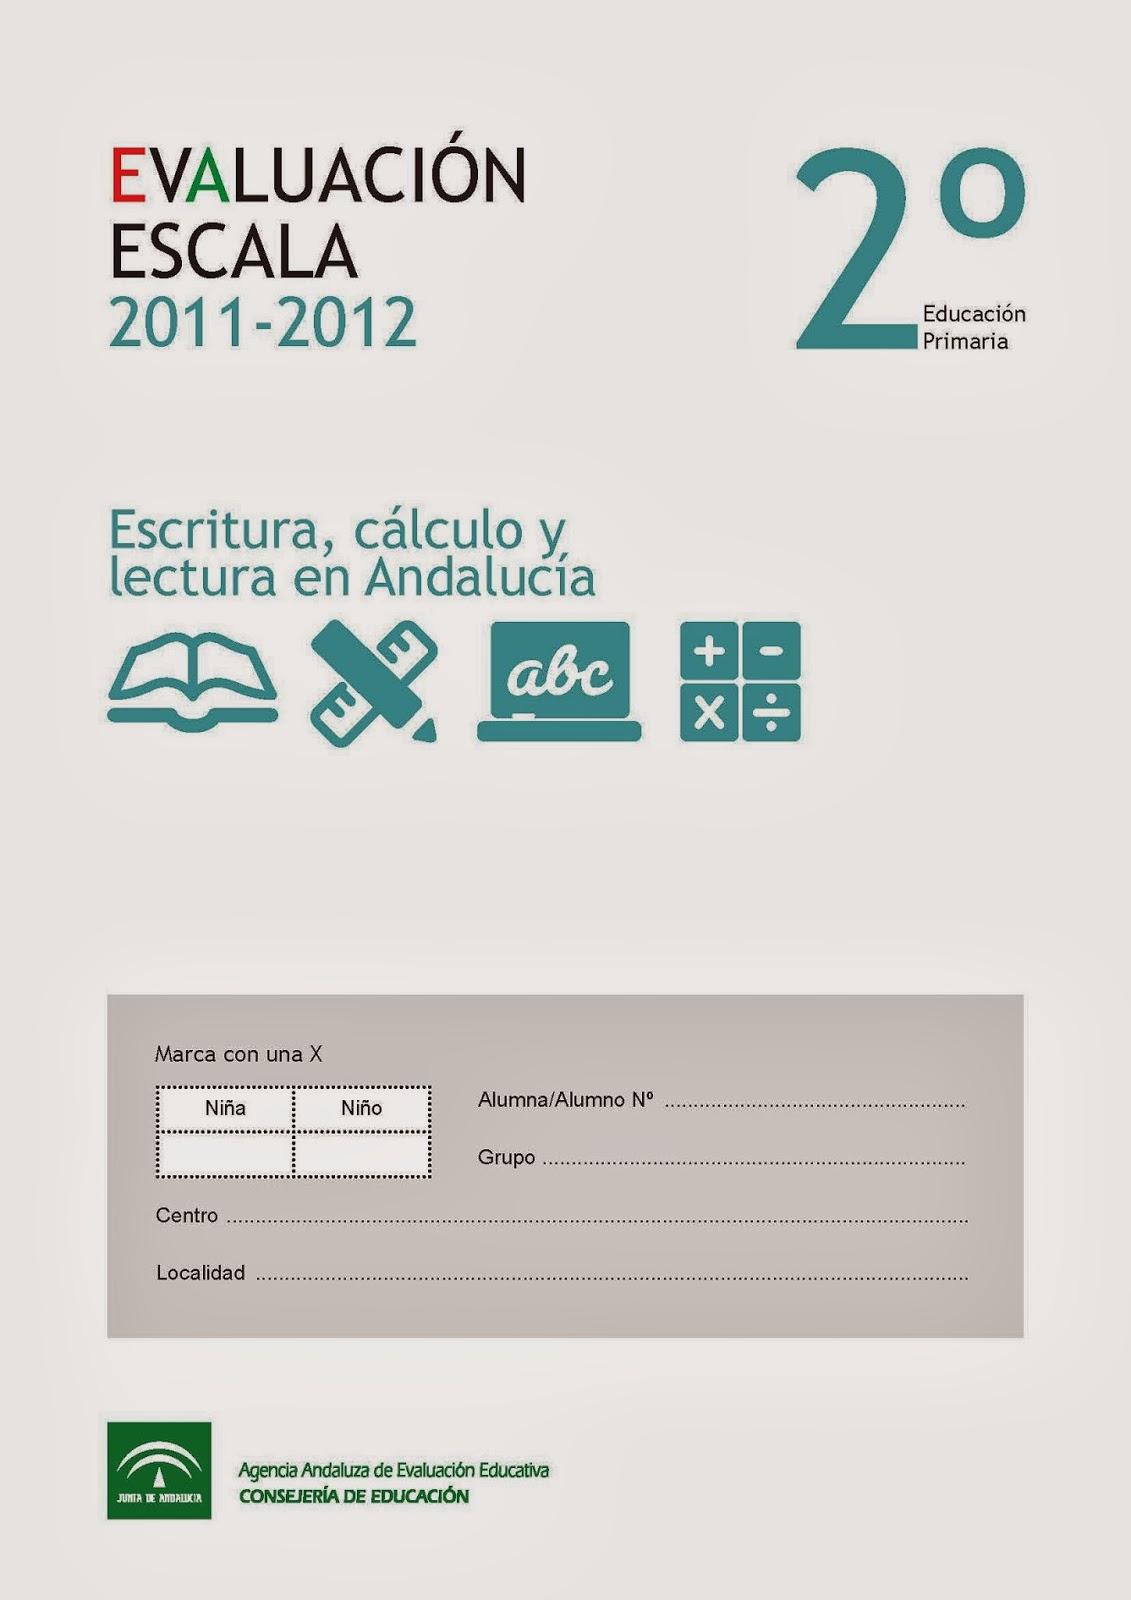 issuu.com/asuncioncabello/docs/pruebaescala2012?e=1617168/7000098